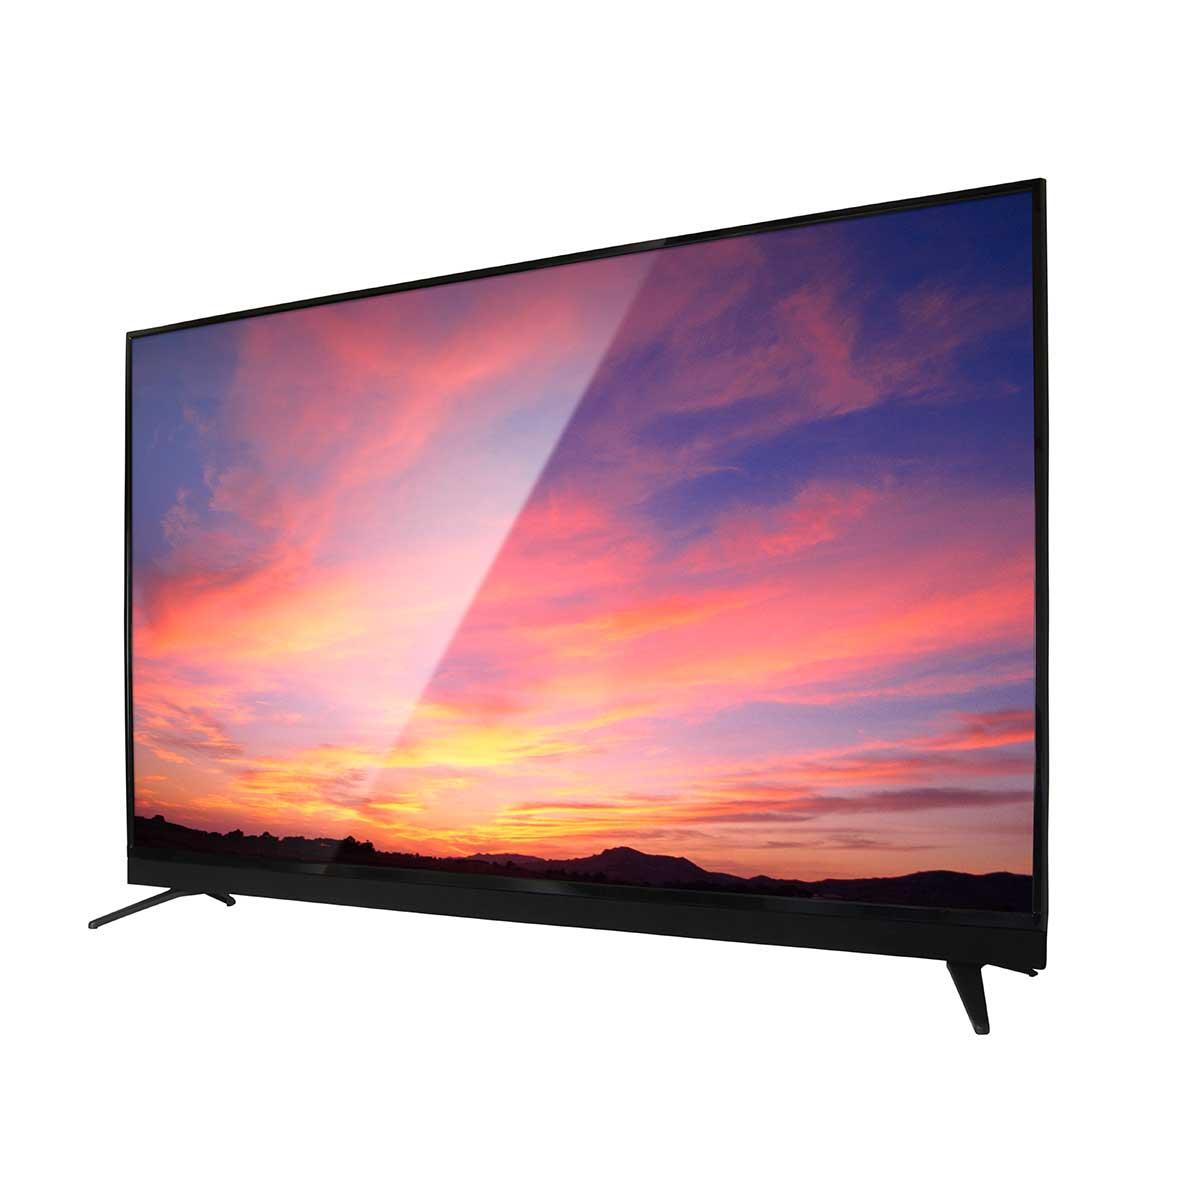 【今週発売の注目製品】59,800円で4Kチューナー内蔵の58V型QLED液晶テレビが発売